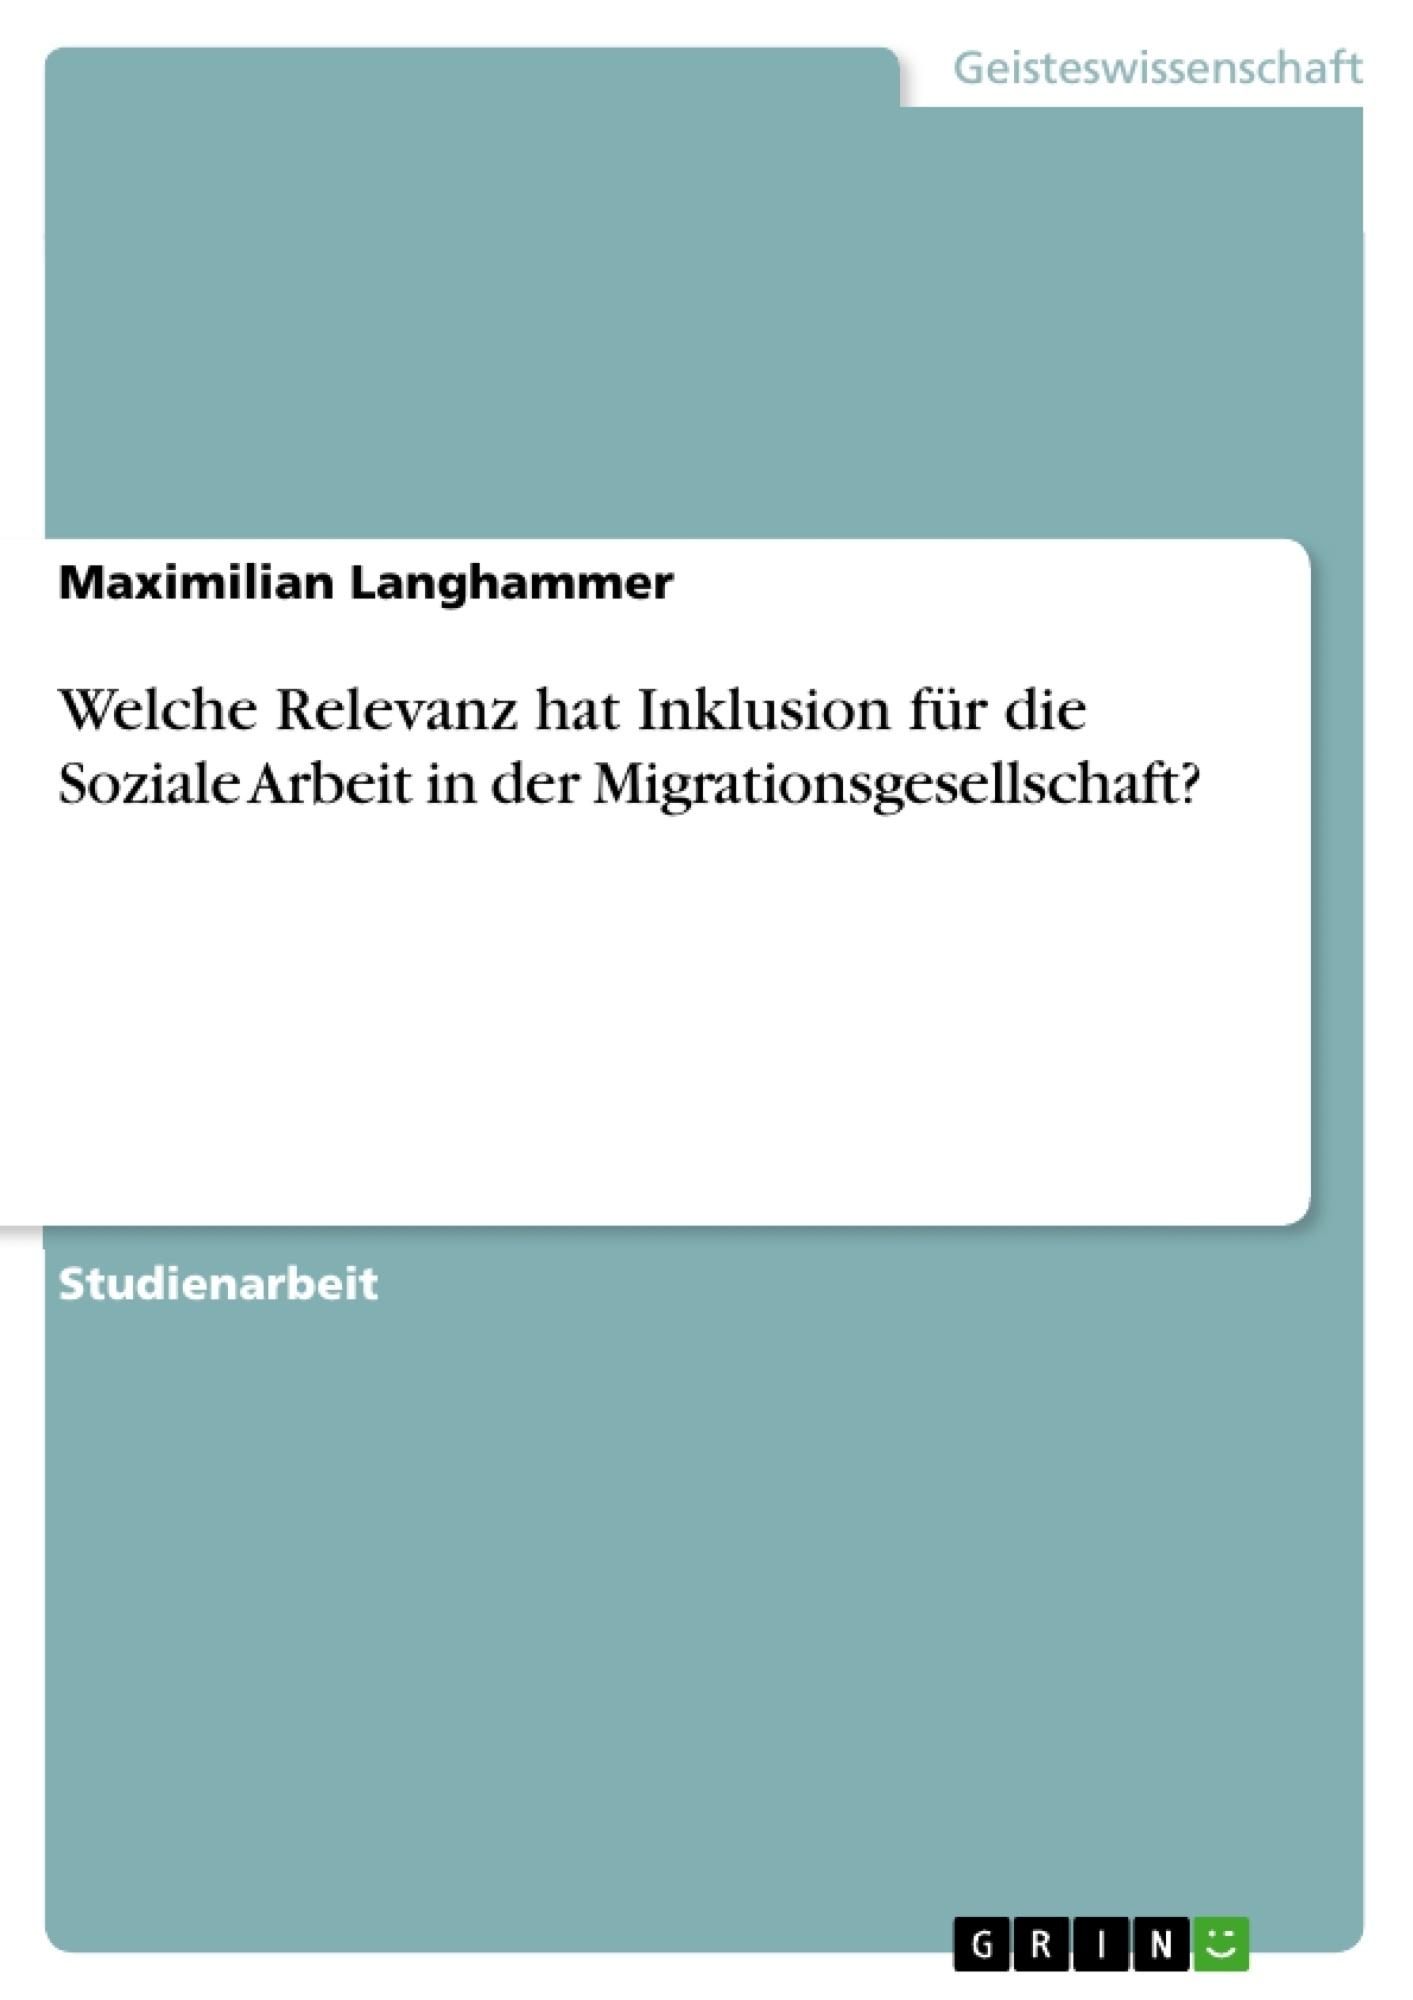 Titel: Welche Relevanz hat Inklusion für die Soziale Arbeit in der Migrationsgesellschaft?